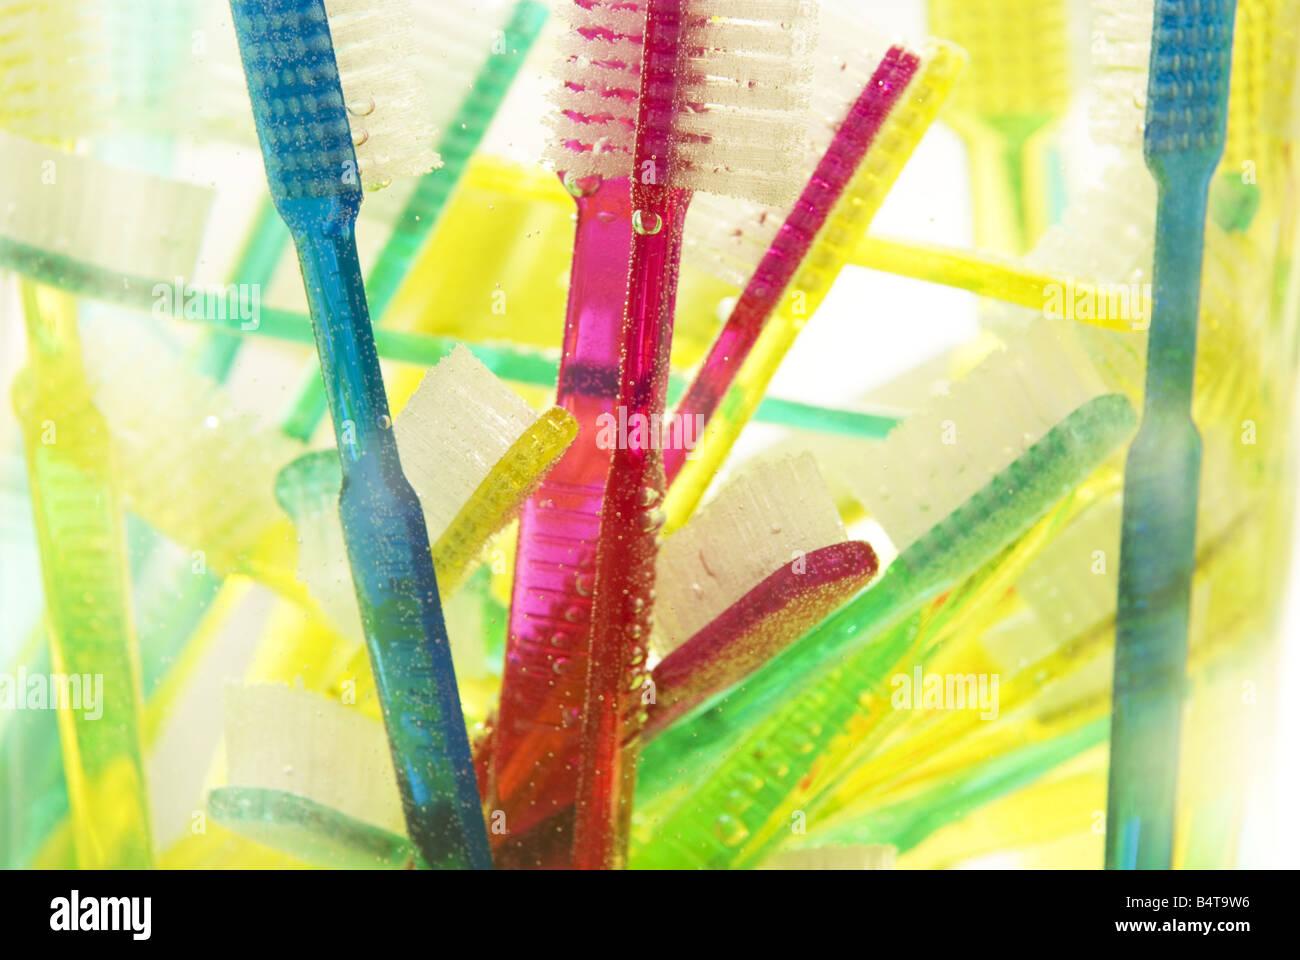 Nahaufnahme von untergetaucht und schwimmenden bunten Zahnbürsten in Glasvase Stockbild